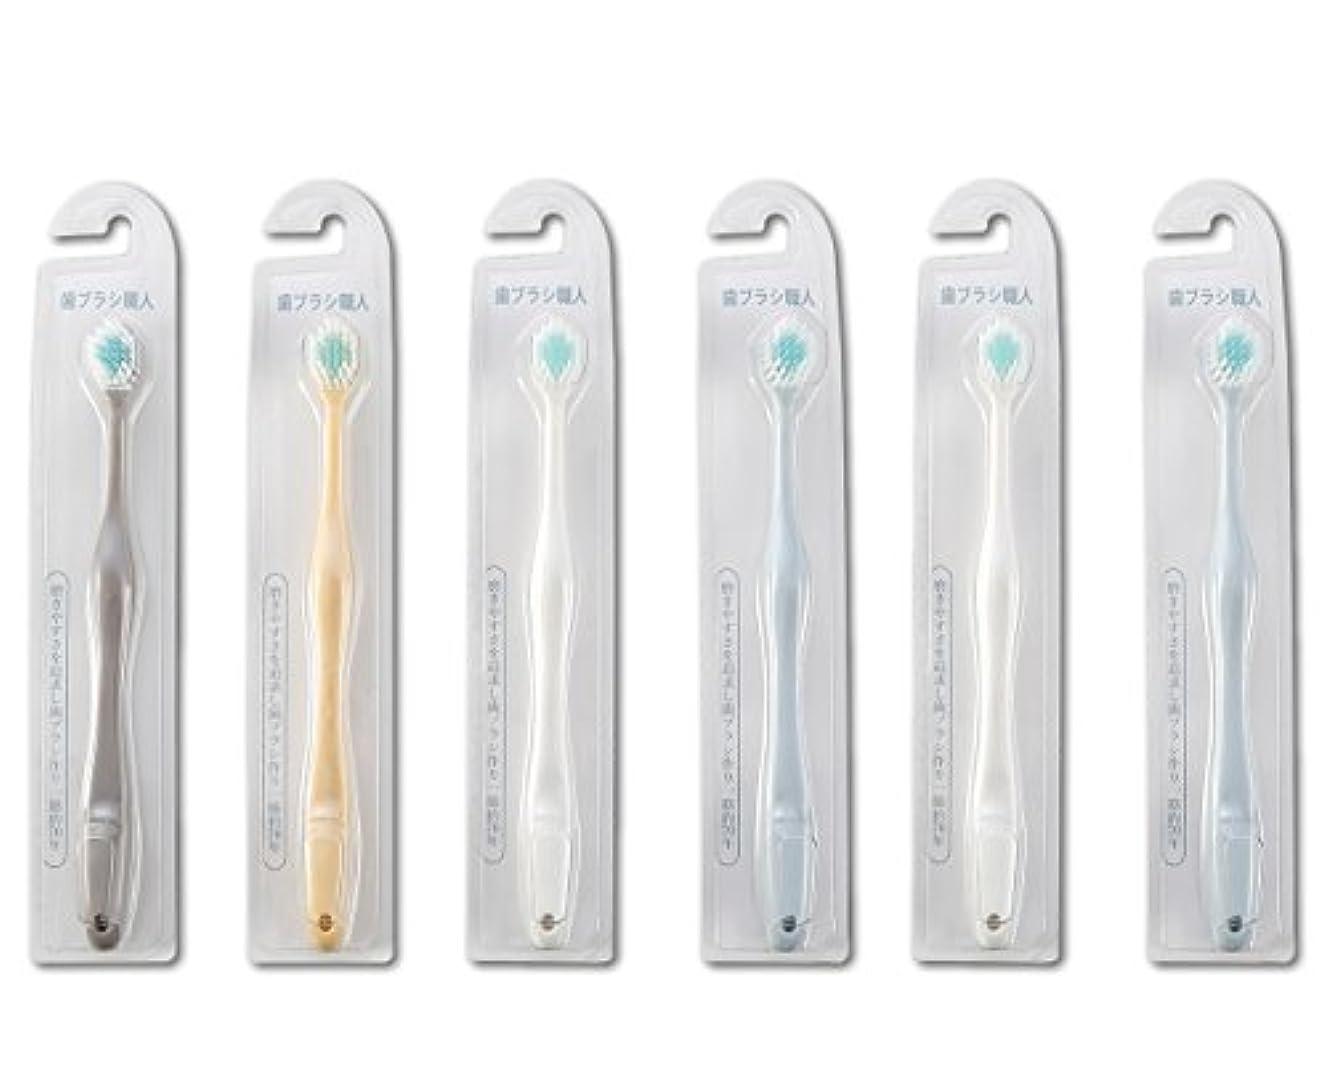 オーストラリア人出しますすべて歯ブラシ職人Artooth ® 田辺重吉 磨きやすい歯ブラシ ワイド 6列レギュラー AT-30 (6本組)